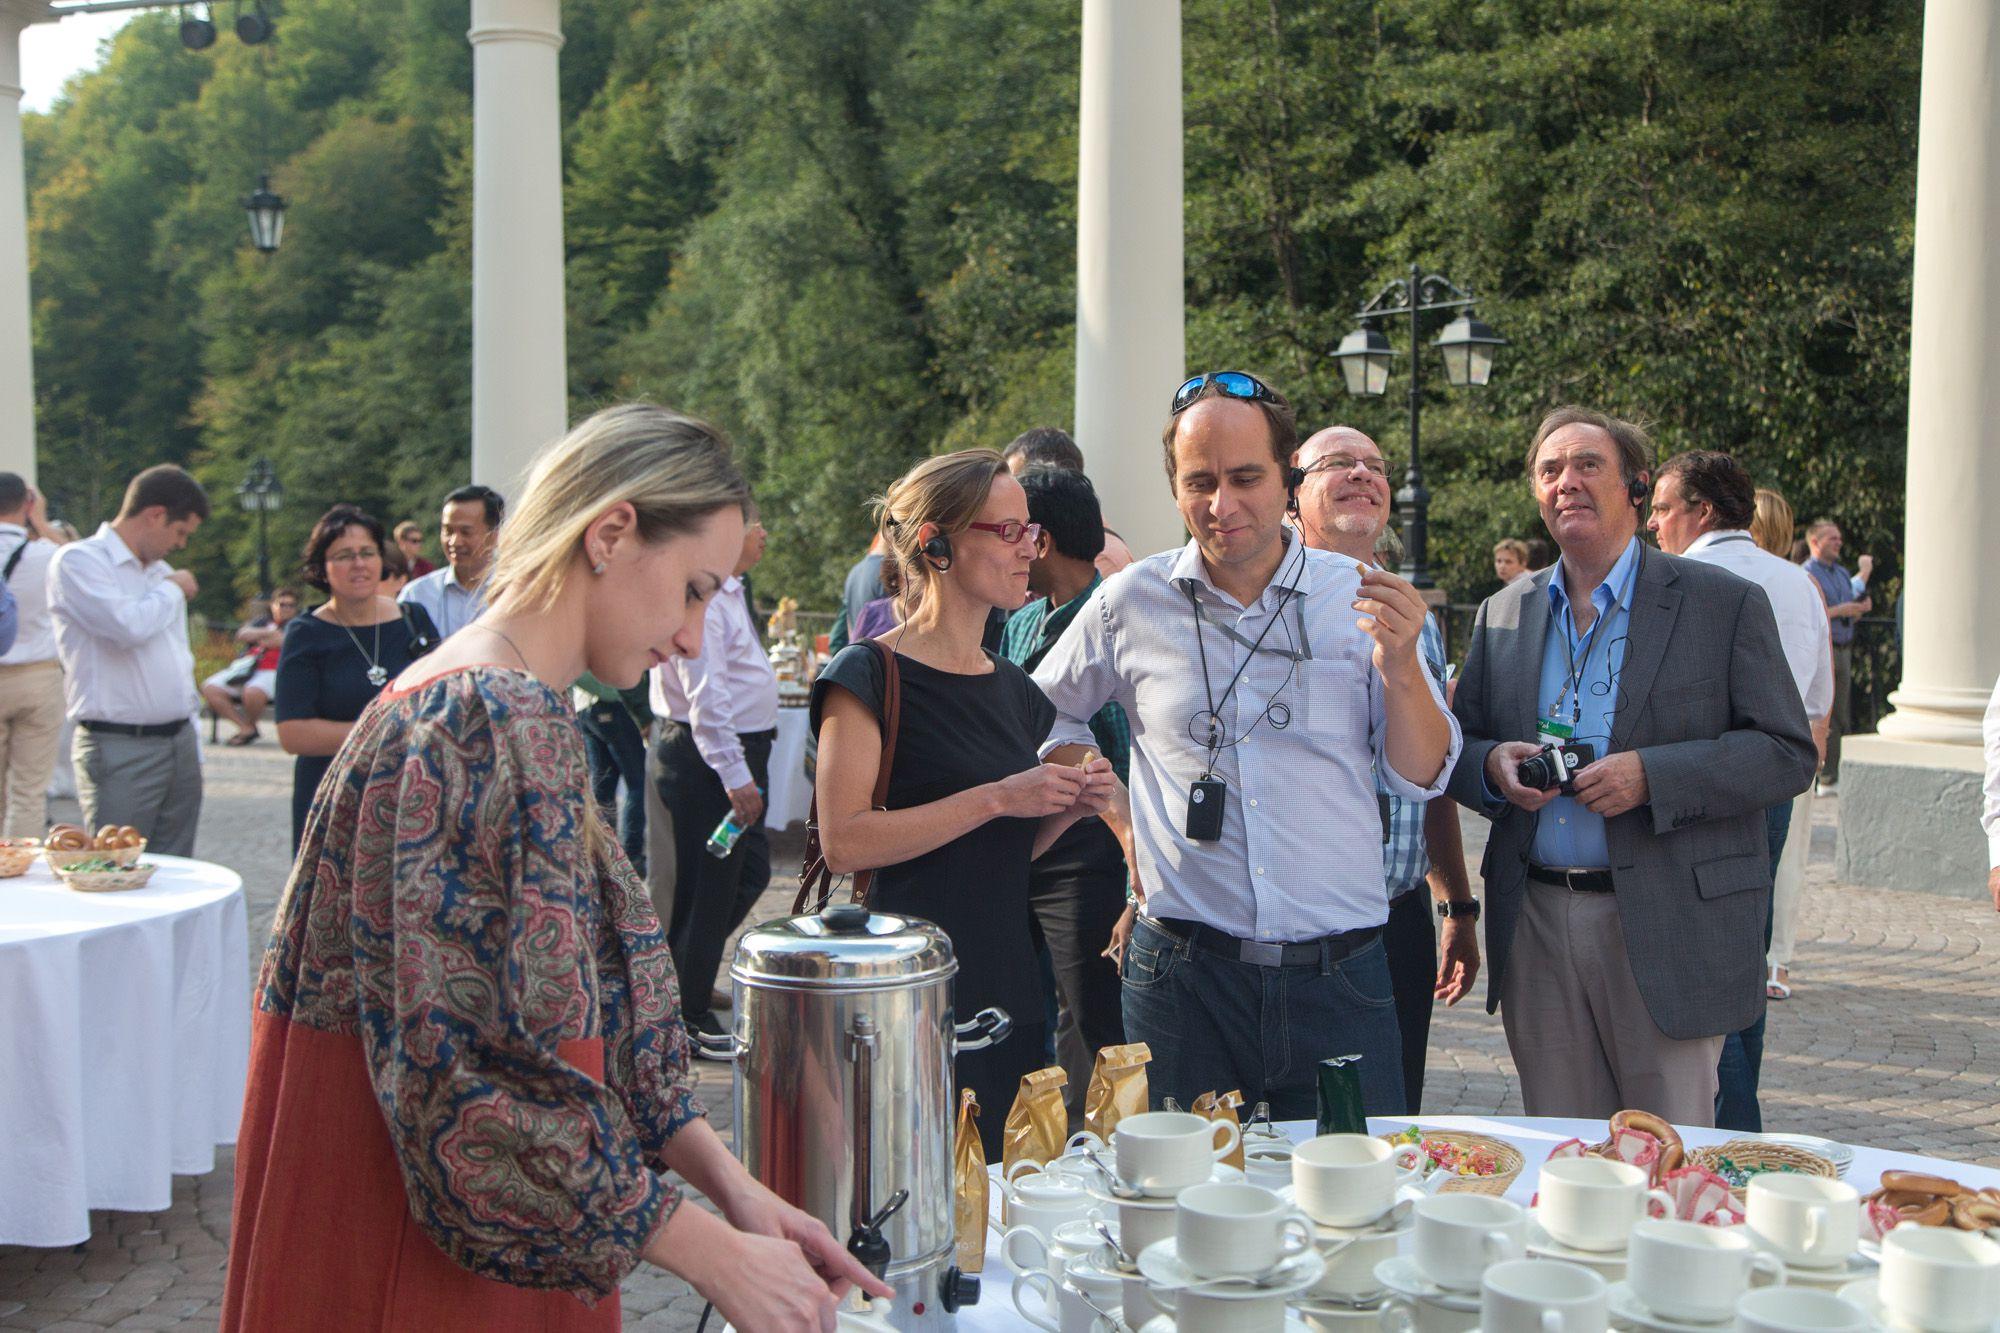 Шестая Международная научно-практическая конференция по защищенной печати Watermark Conference-2015